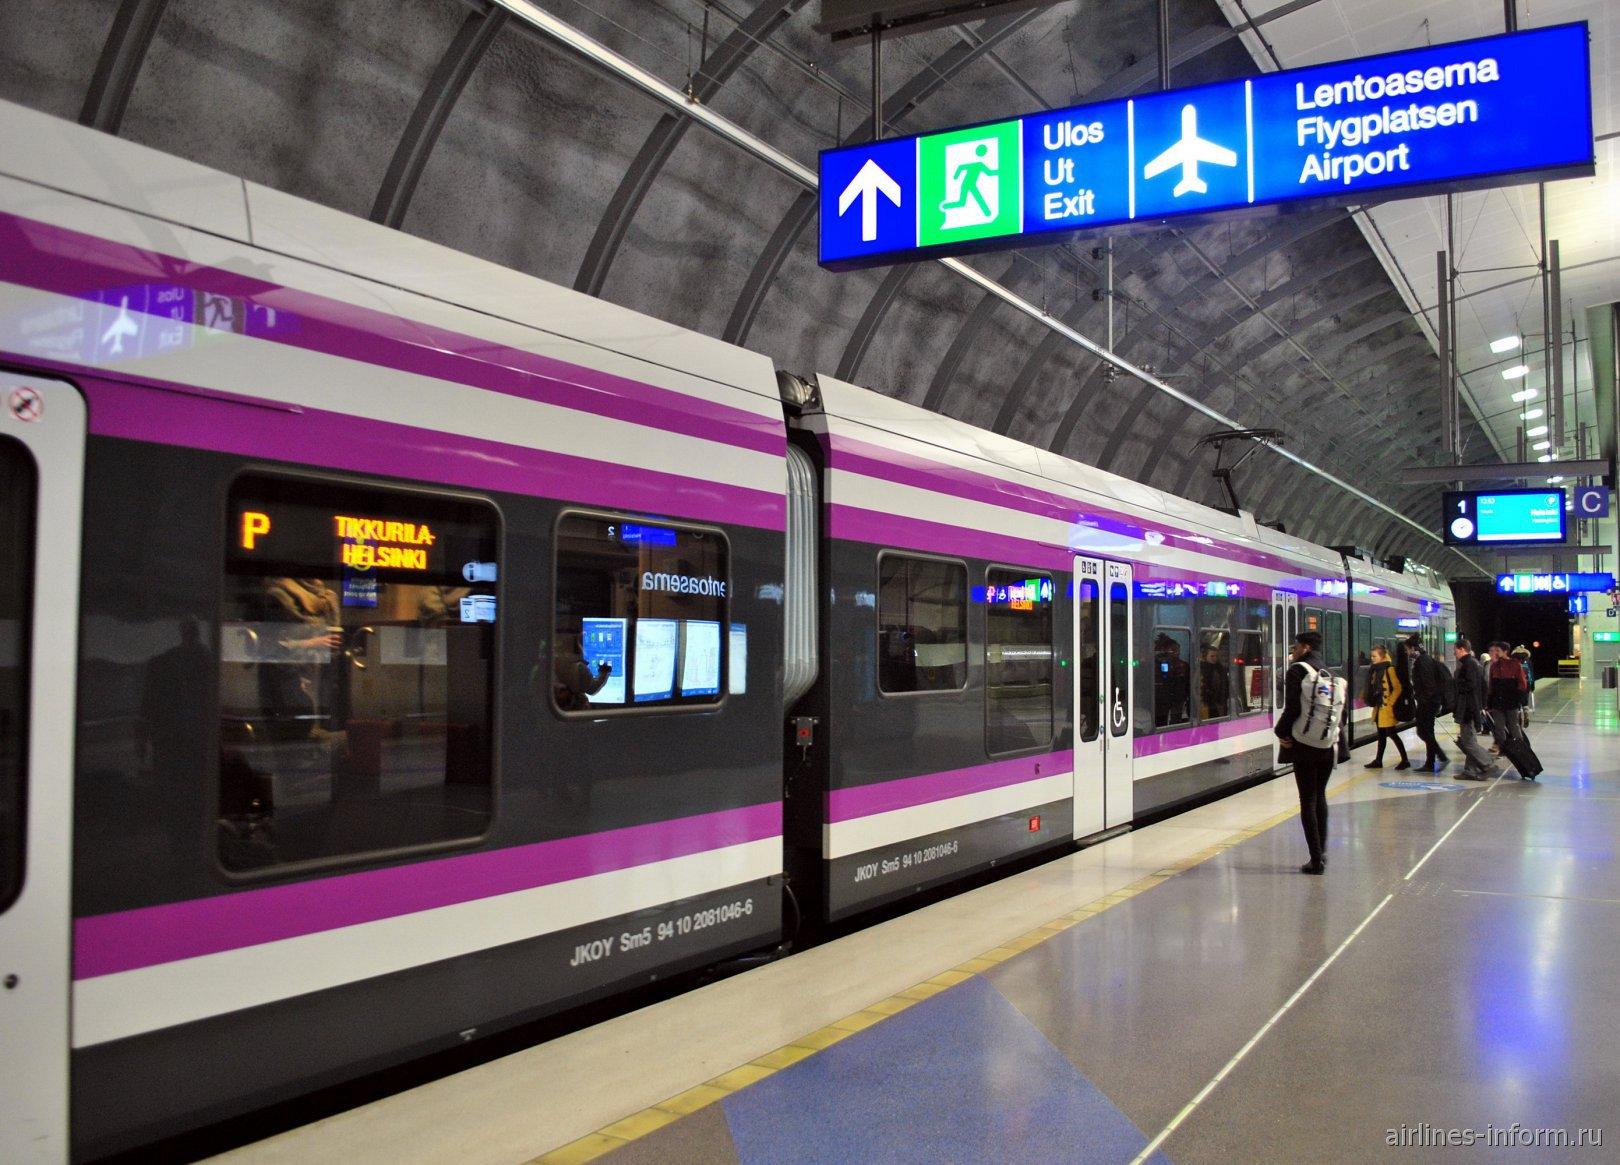 Поезд Аэроэкспресс между городом Хельсинки и аэропортом Вантаа